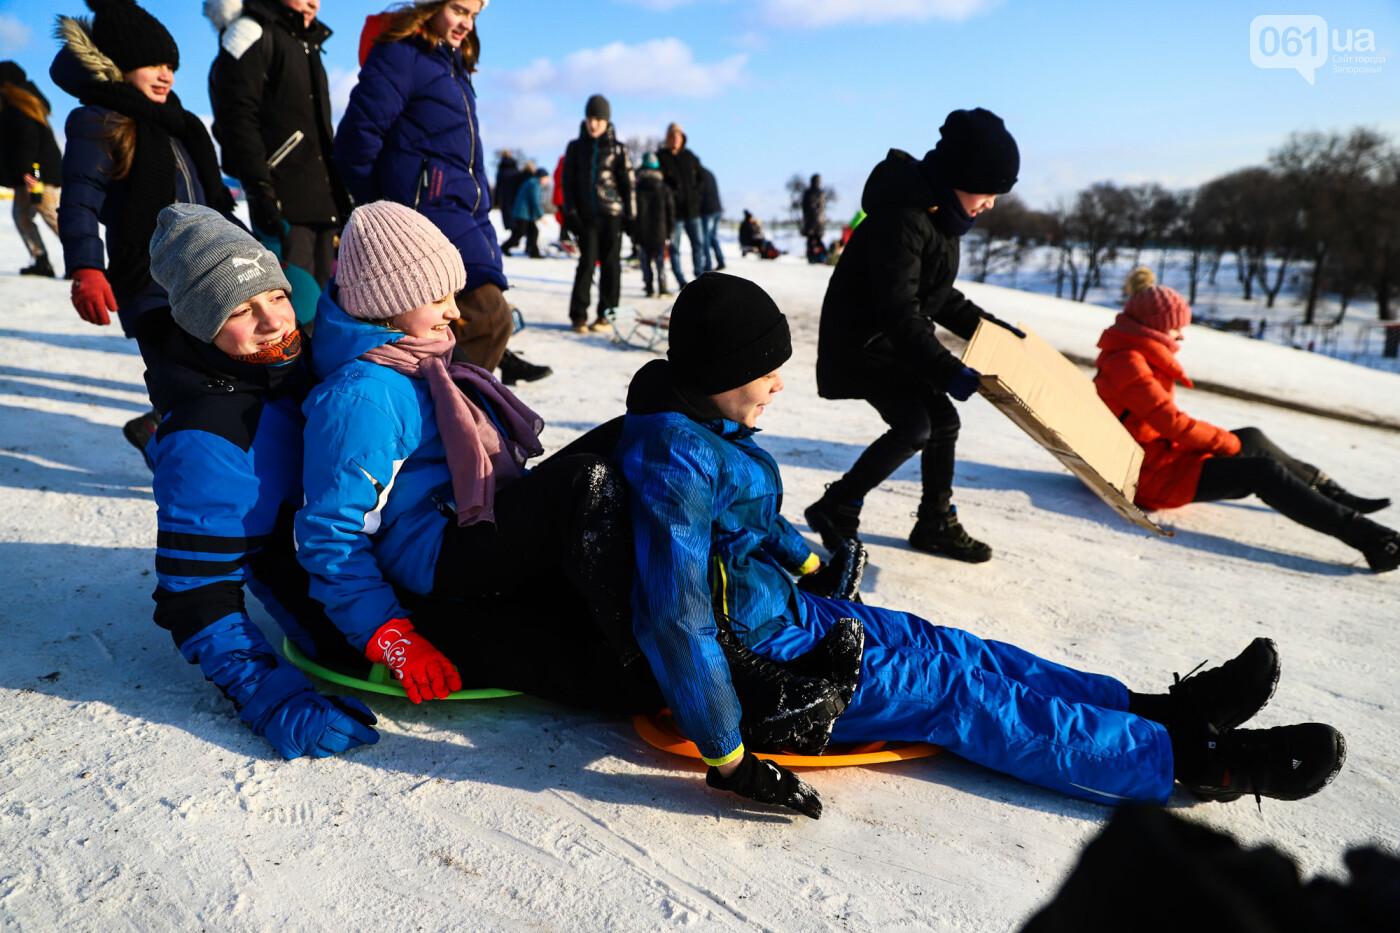 На санках, лыжах и сноуборде: запорожцы устроили массовое катание с горок в Вознесеновском парке, - ФОТОРЕПОРТАЖ, фото-40